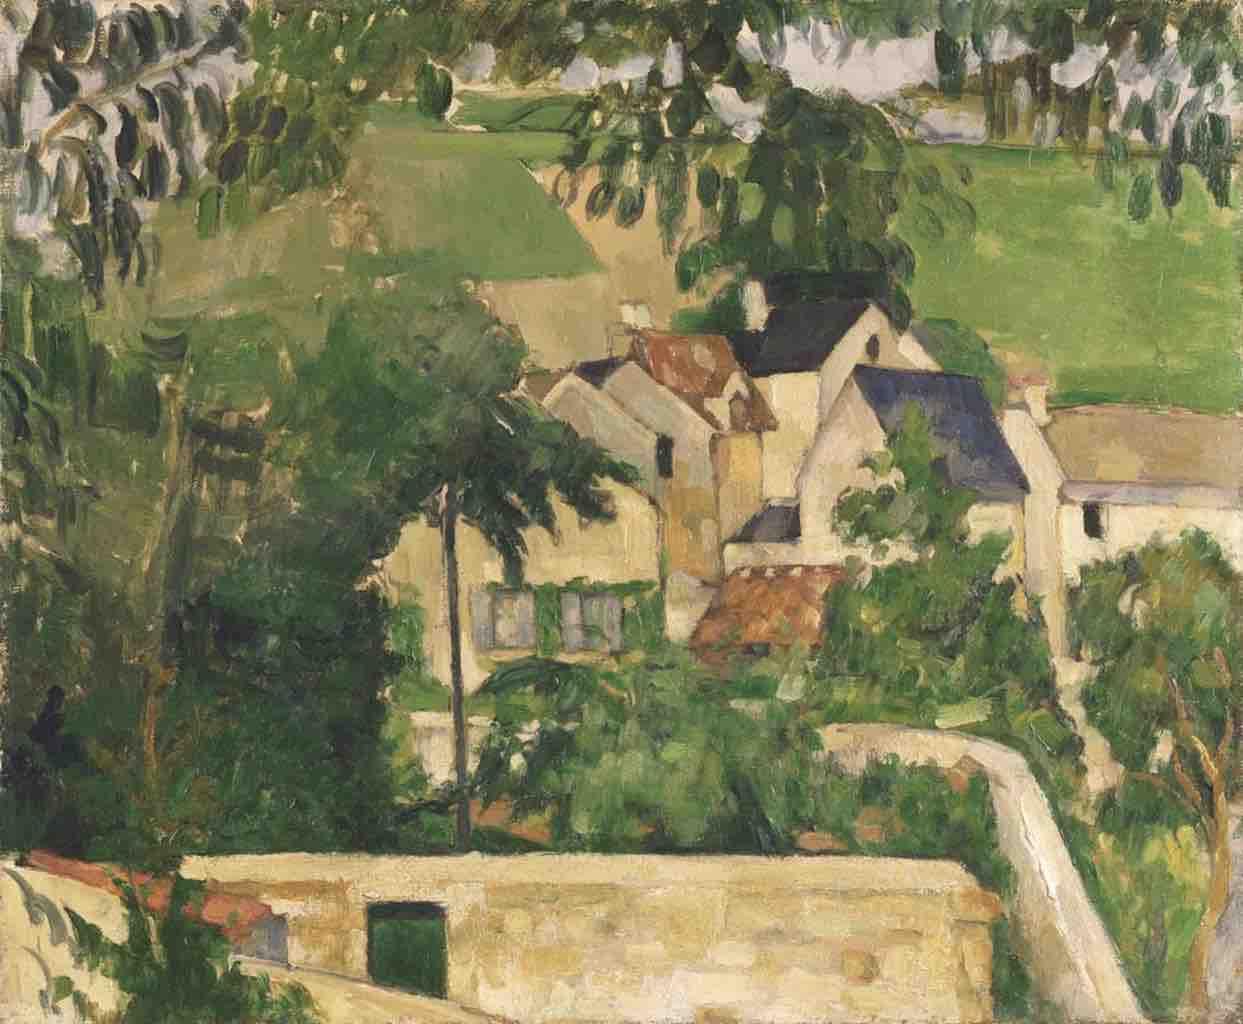 Paul Cézanne, Le Quartier du Four à Auvers-sur-Oise (Paesaggio, Auvers) (1873 circa; olio su tela, 46,4 x 55,2 cm; Filadelfia, Philadelphia Museum of Art)